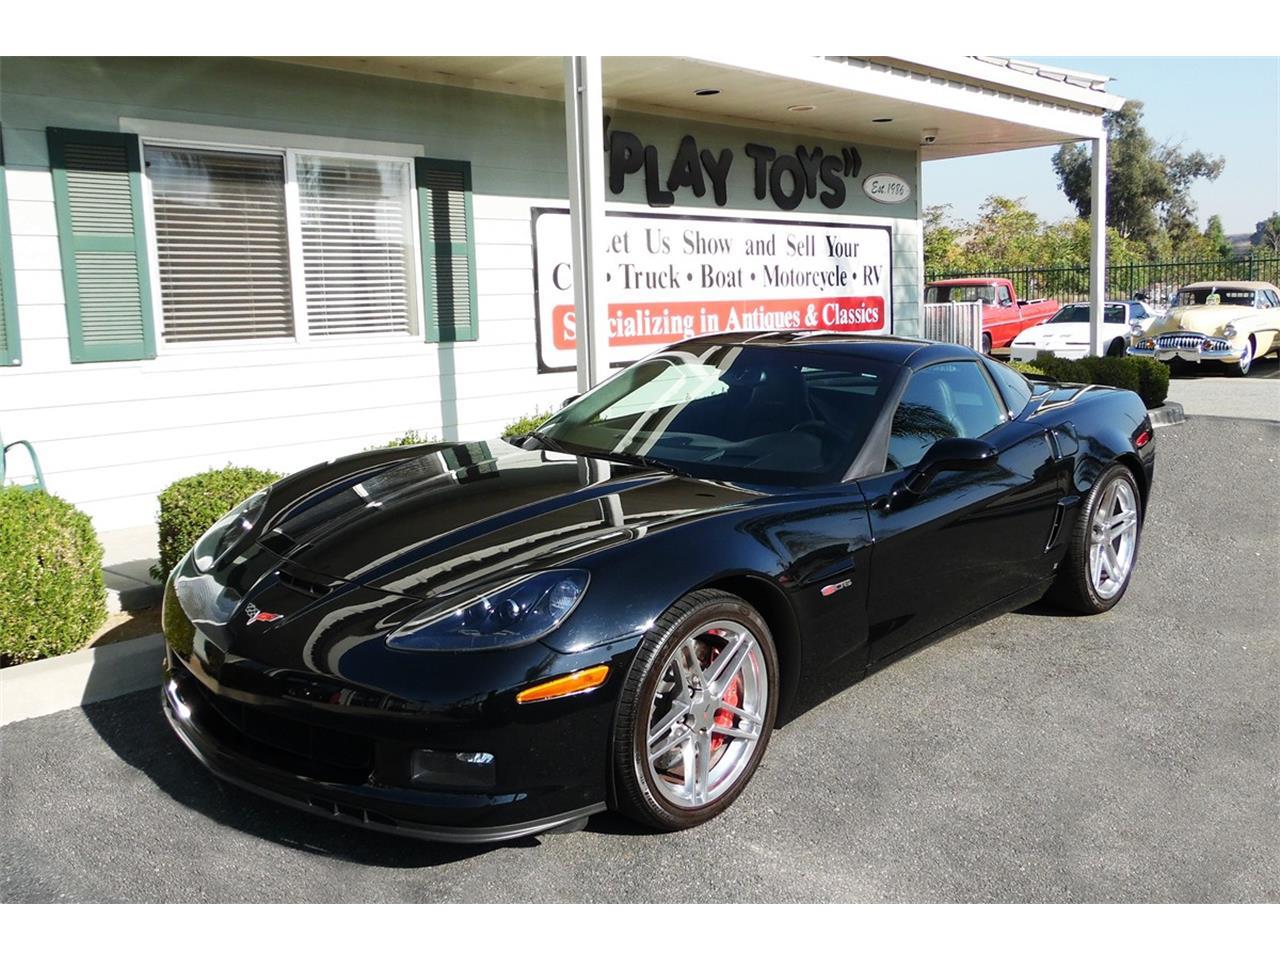 C6 Z06 For Sale >> 2007 Chevrolet Corvette Z06 For Sale Classiccars Com Cc 1161286